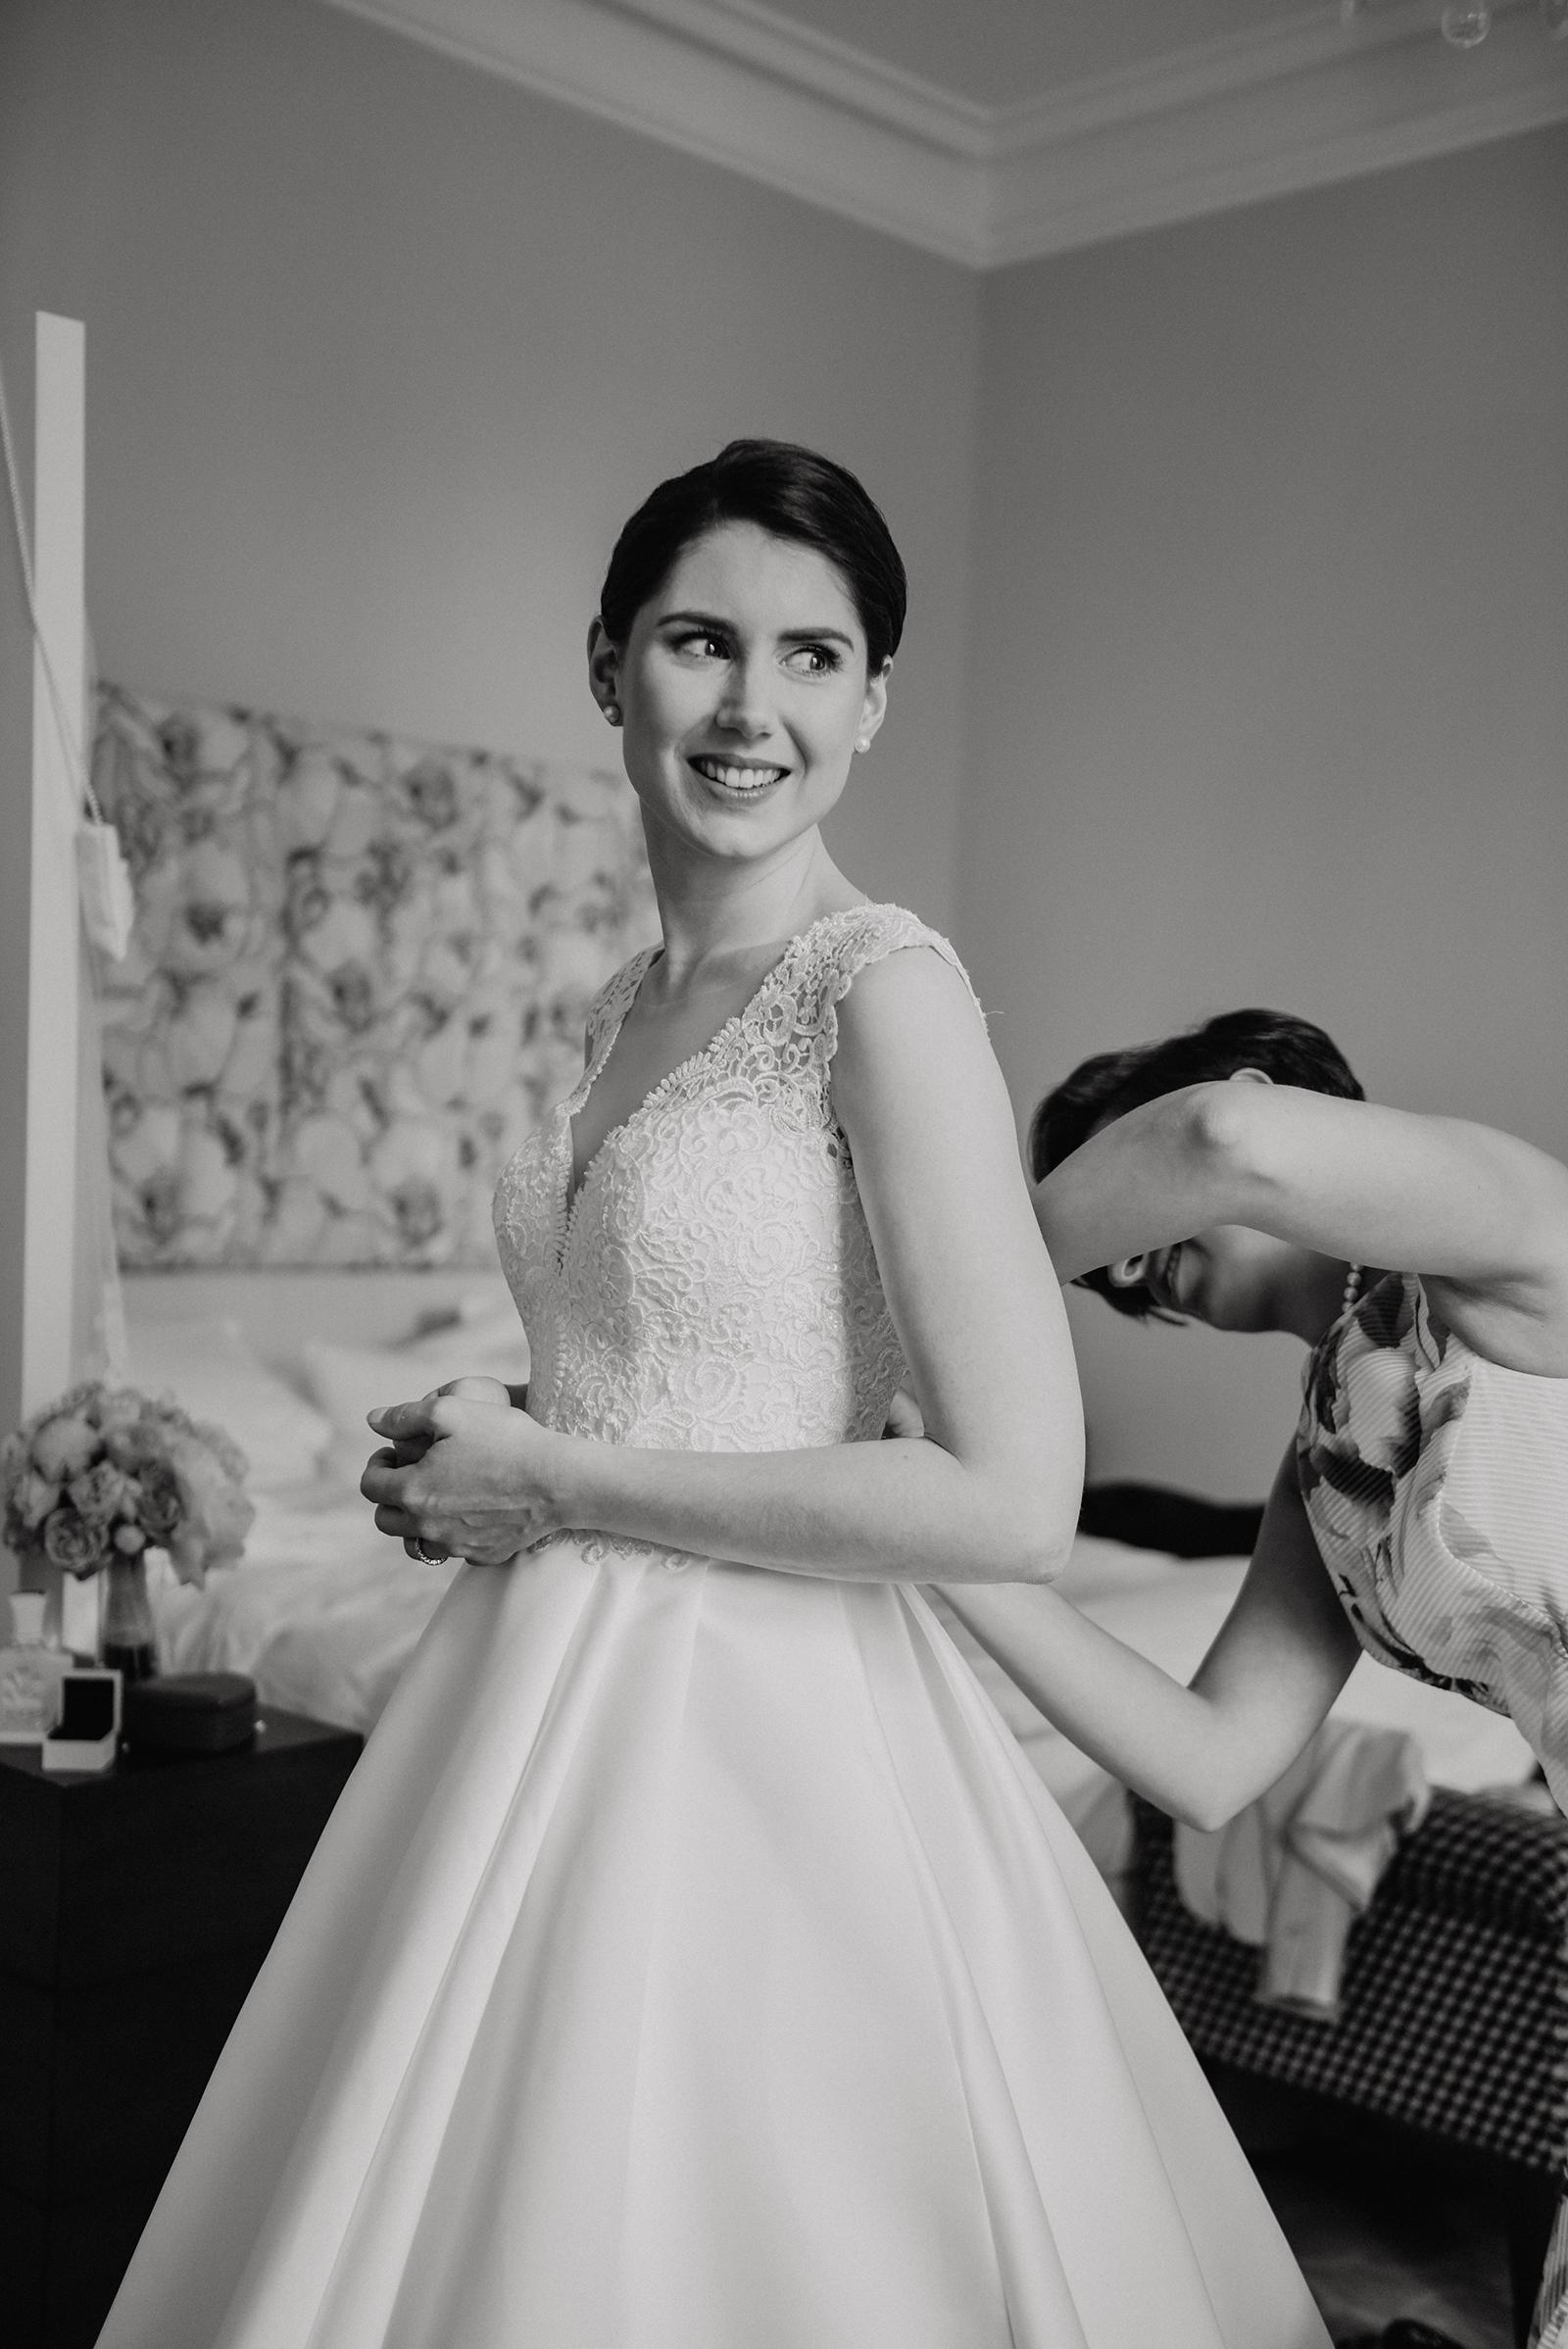 Hochzeitsreportage an der Ostsee - Wunderschöne Braut beim Getting Ready